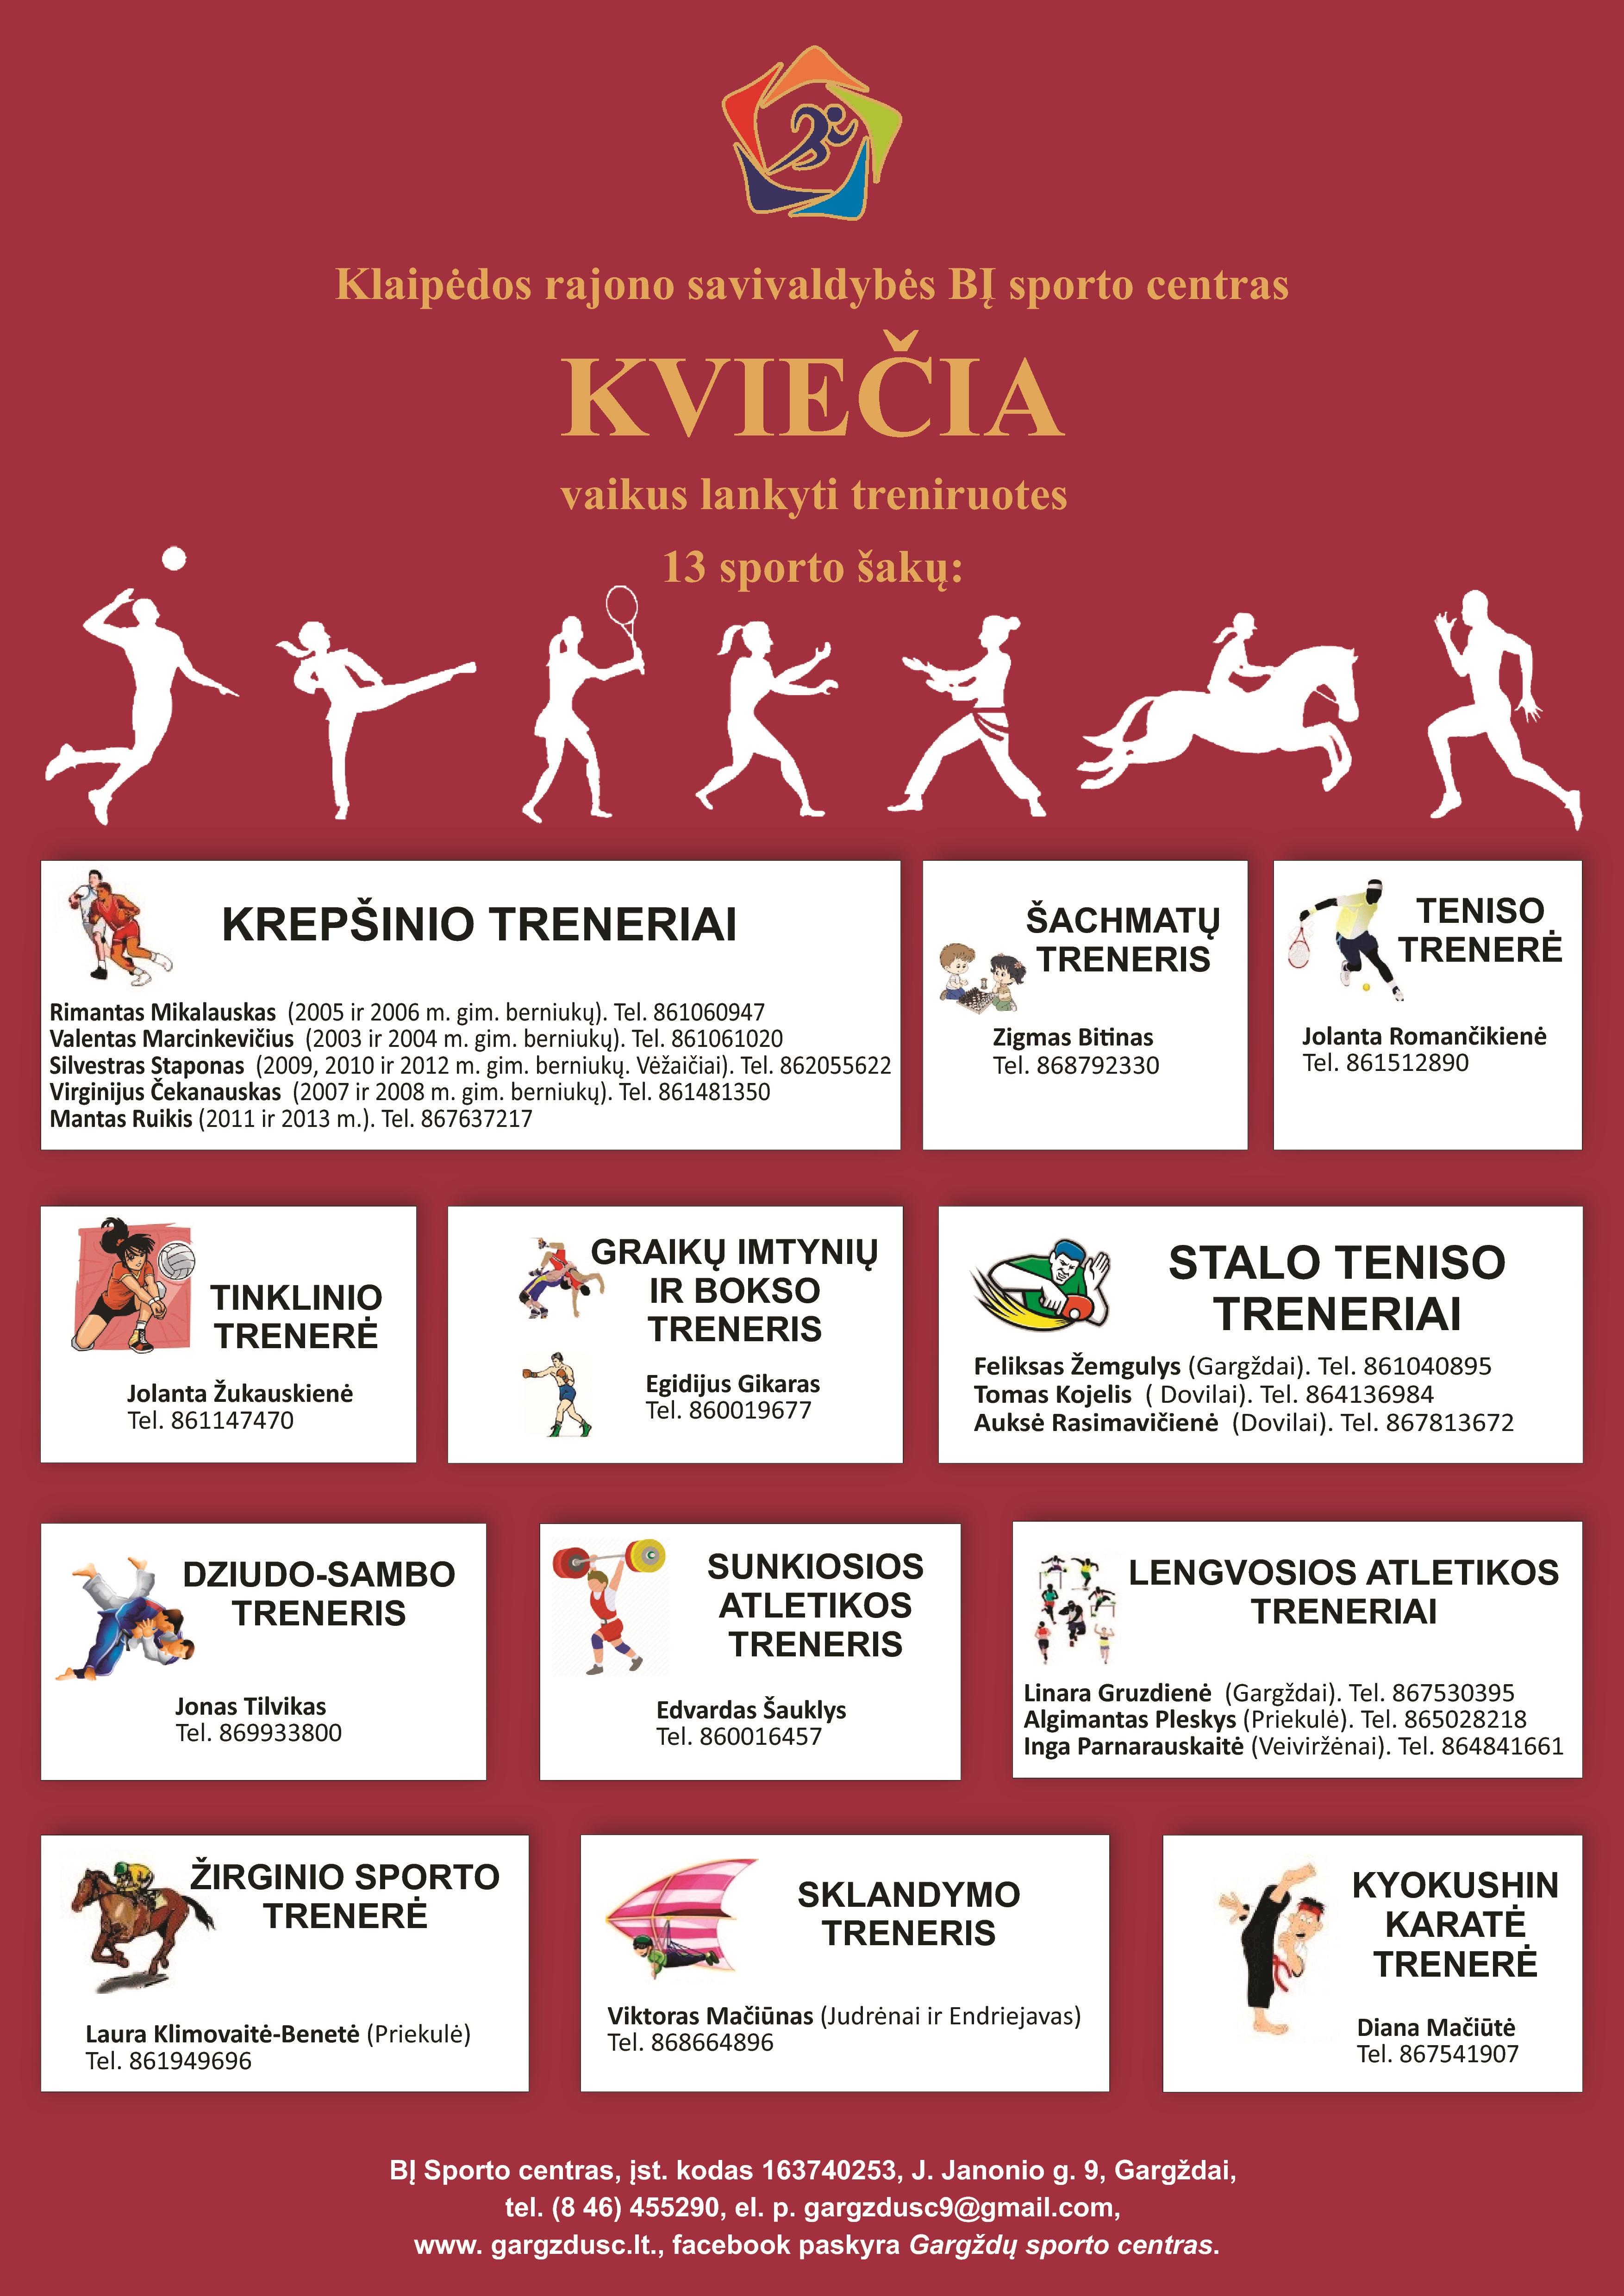 Kviečiame vaikus lankyti sporto treniruotes